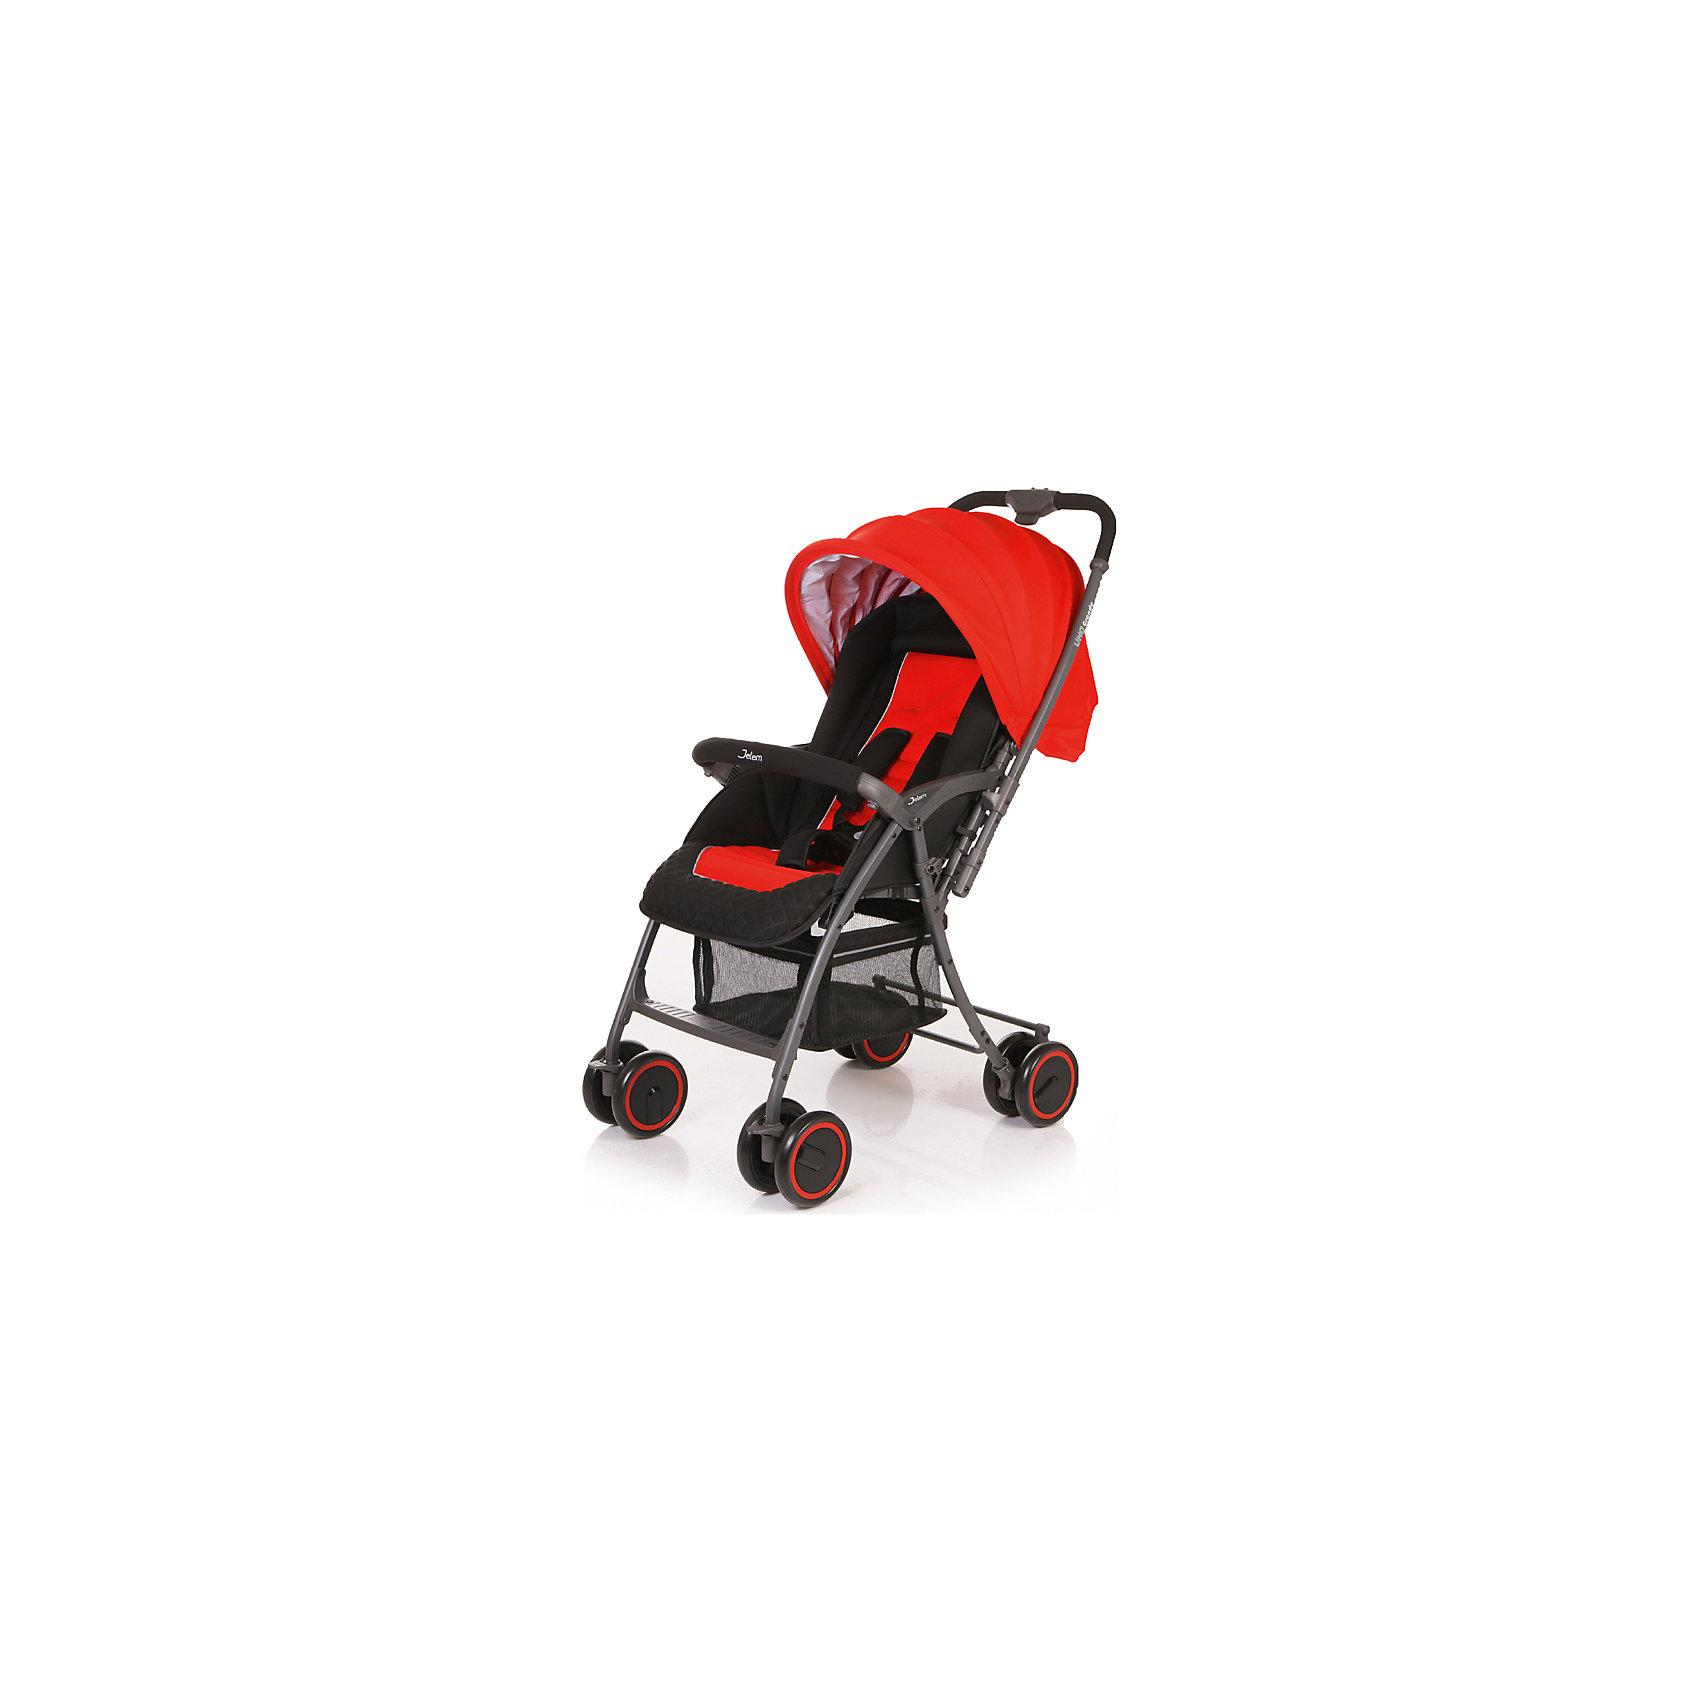 Прогулочная коляска Uno Grande, Jetem, красныйОсобенности:<br>- легкая алюминиевая рама;<br>- регулируемая подножка; <br>- перекидная ручка;<br>- плавающие передние колеса с фиксацией;<br>- 5-ти точеные ремни безопасности;<br>- съемный бампер с мягкой обивкой;<br>- регулируемая с помощью ремней спинка;<br>- ножная тормозная система.<br>Коляска складывается в «книжку» одной рукой, устойчива в сложенном состоянии.<br>В комплект входит чехол на ножки.<br>Характеристики:<br>- диаметр колес: передние – 15.3 см, задние — 15.3 см.;<br>-  тип колес: двойные;<br>- механизм складывания: книжка;<br>- вес: 6.25 кг (с чехлом); <br>- ширина сиденья: 38 см.; <br>- размер корзины: 37х32х19 см;<br>- размер в разложенном виде: 89х50х105 см.;<br>- размер в сложенном виде: 38х50х100 см.<br><br>Ширина мм: 770<br>Глубина мм: 510<br>Высота мм: 240<br>Вес г: 7750<br>Возраст от месяцев: 6<br>Возраст до месяцев: 36<br>Пол: Унисекс<br>Возраст: Детский<br>SKU: 4609944